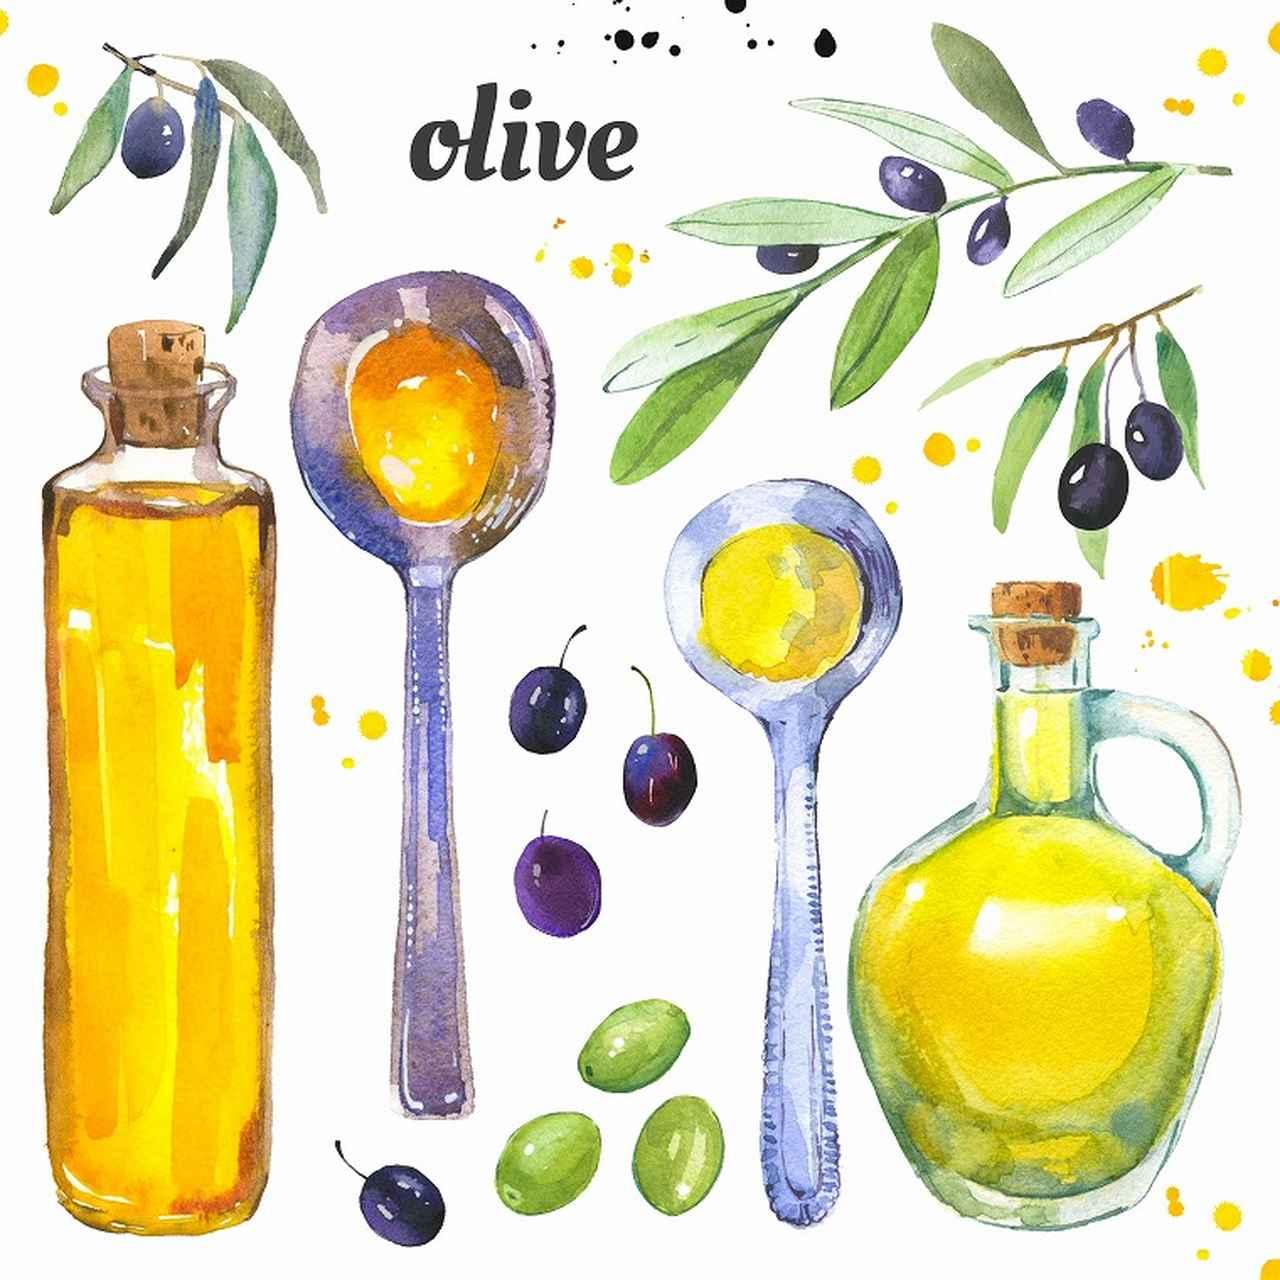 画像: 美味しくて嬉しい!オリーブオイルを使った便秘スッキリレシピ - Curebo(キュレボ)|毎日を輝かせたい女性のためのニュースメディア